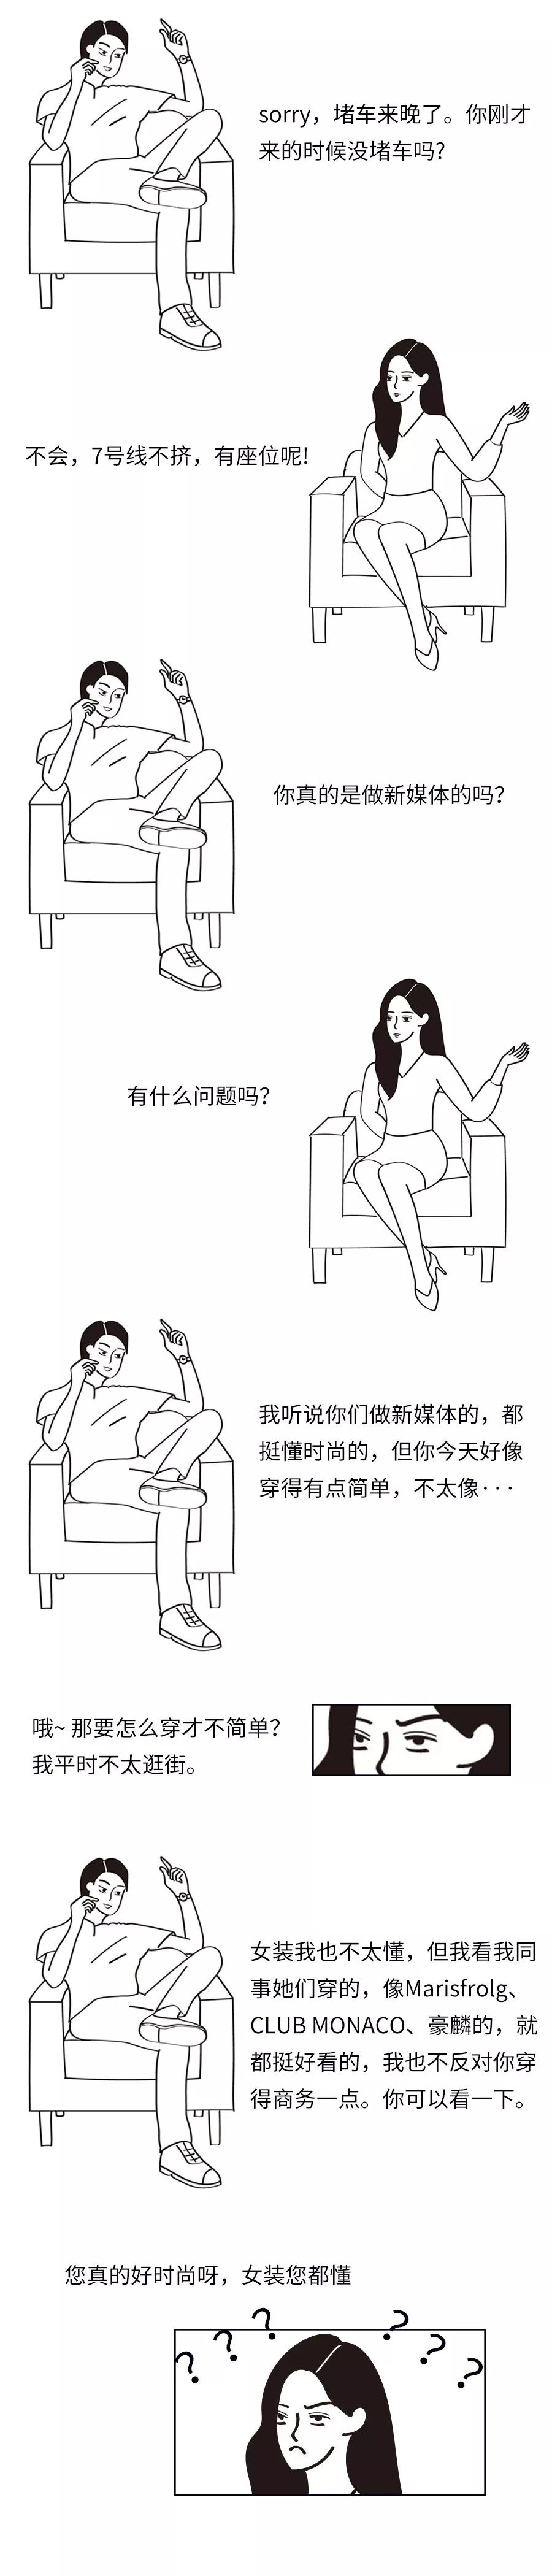 太南了,现在深圳相亲居然是这样的!